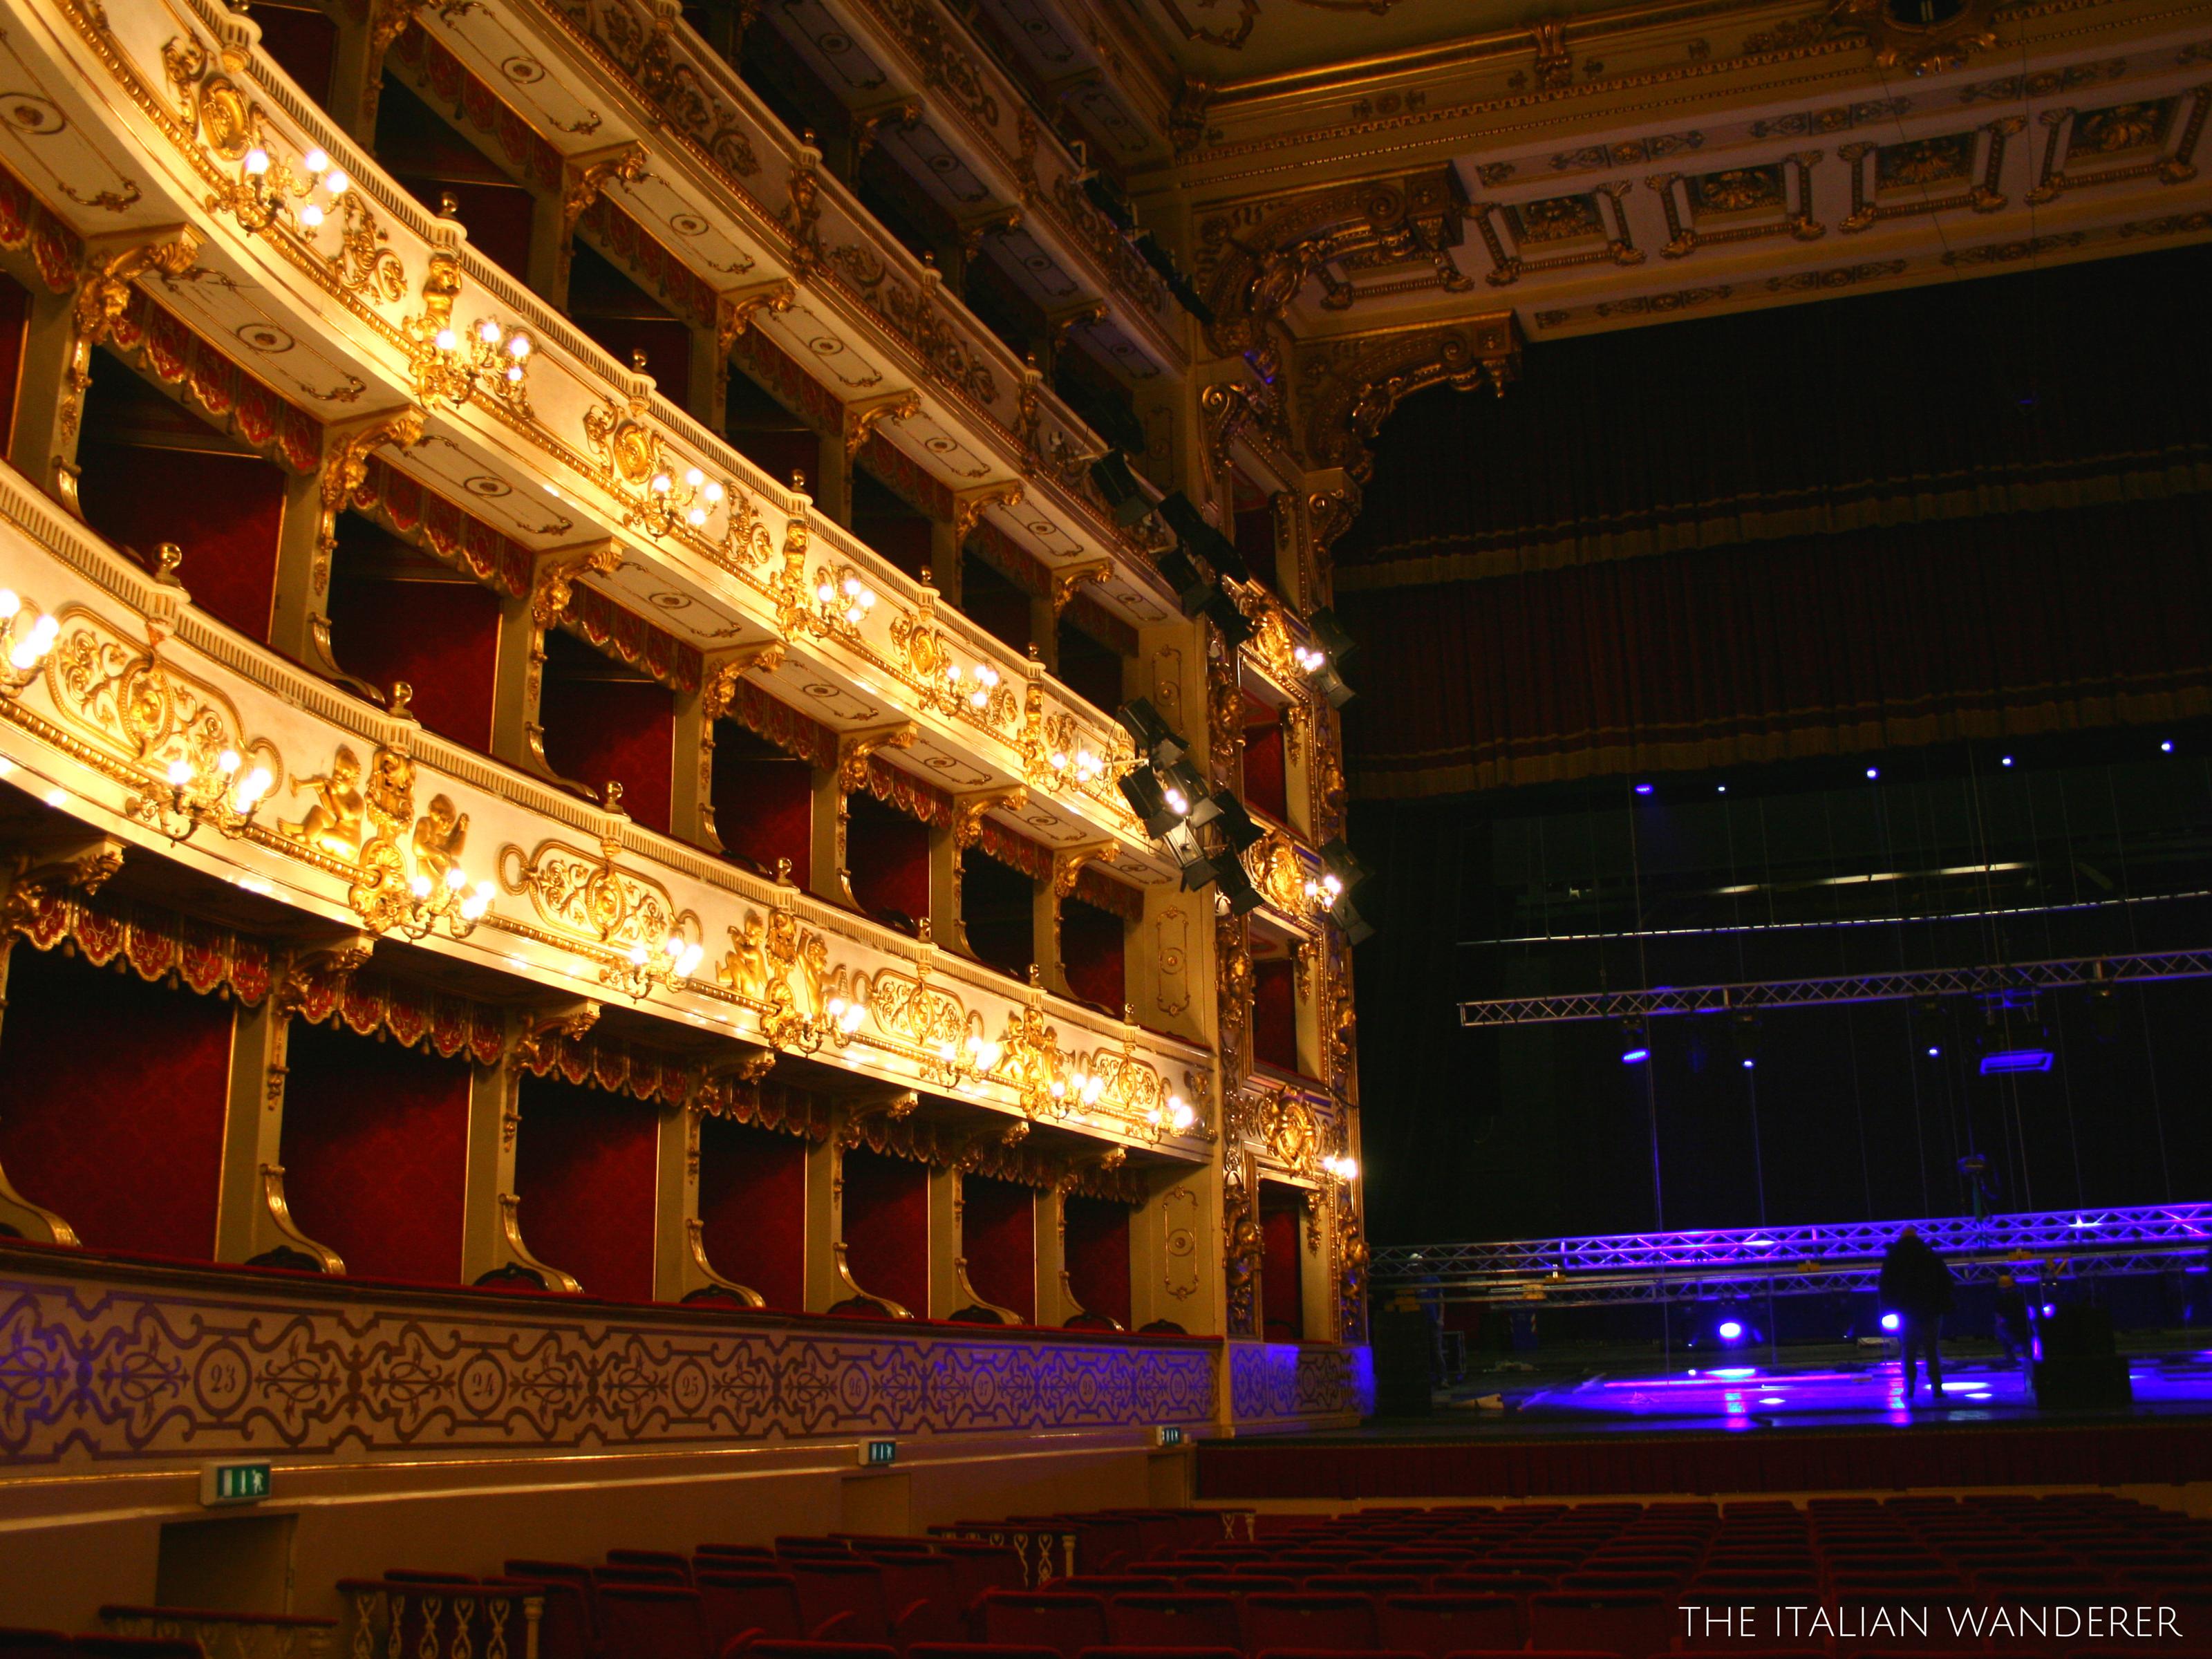 The Teatro Regio of Parma